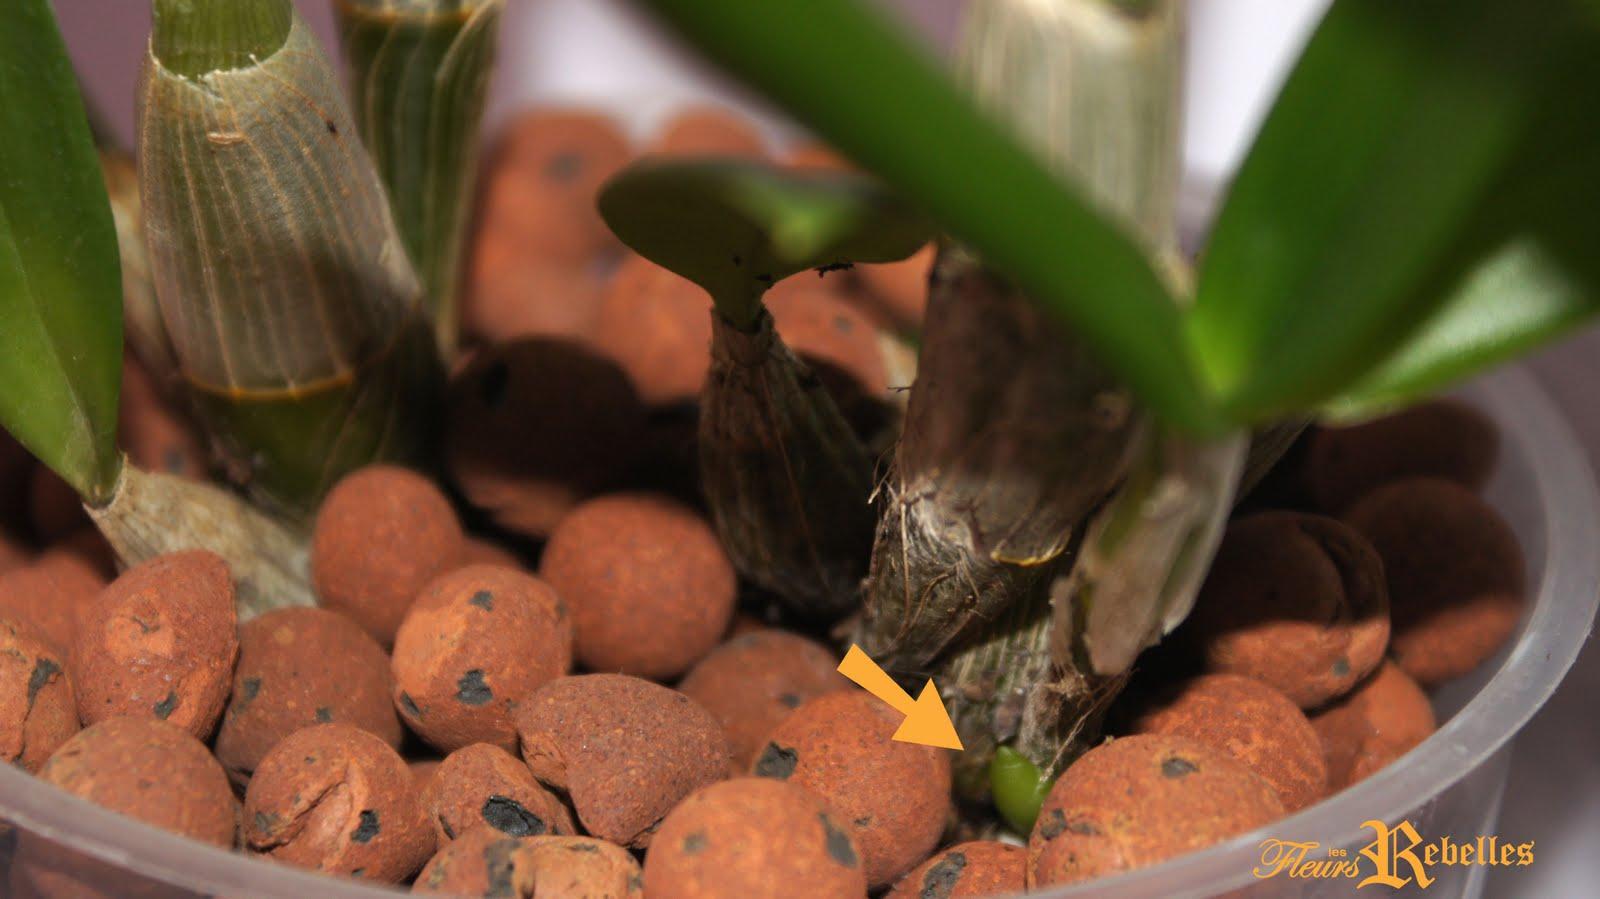 Les fleurs rebelles blog lifestyle diy mes orchid es bourgeonnent - Sur quoi pousse les ananas ...